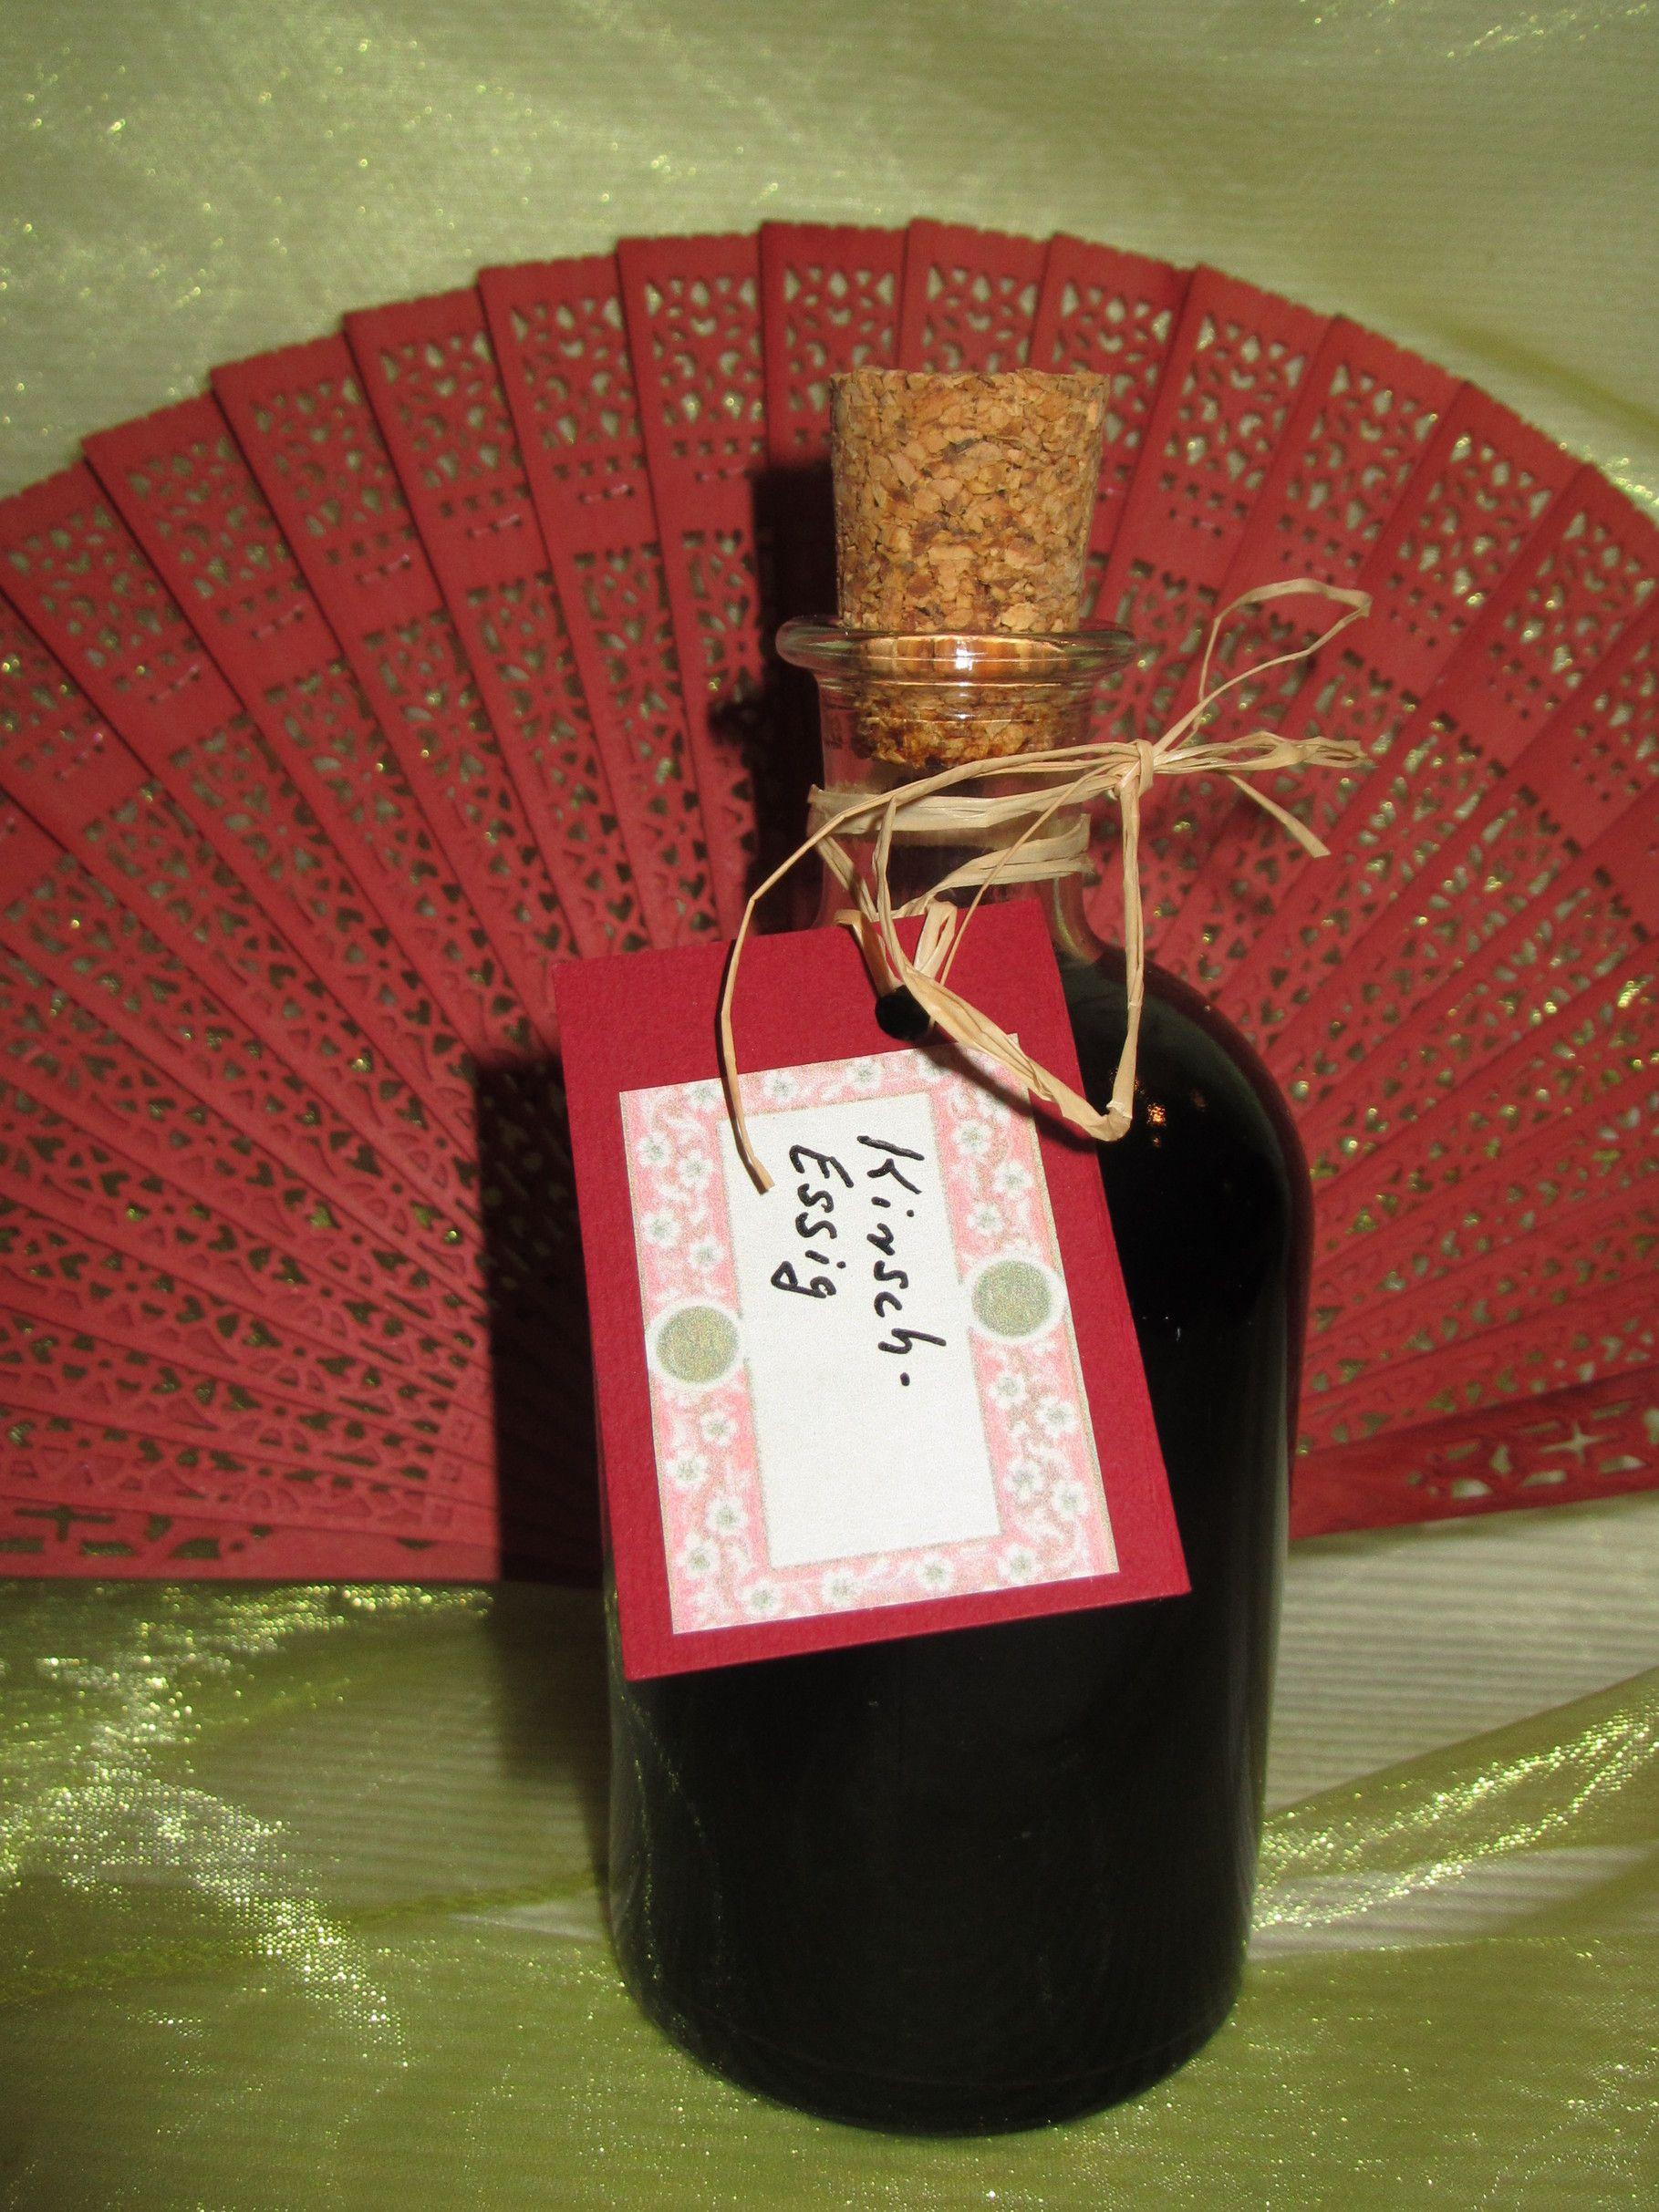 Kirschessig Zutaten 1 Flasche Acetico Balsamico Rot Bertoli 6 Saure 1 Scheibe Ingwer 1 Lorbeerblatt 1 Teel Kubebenpfeff Essig Essig Selber Machen Kirschen